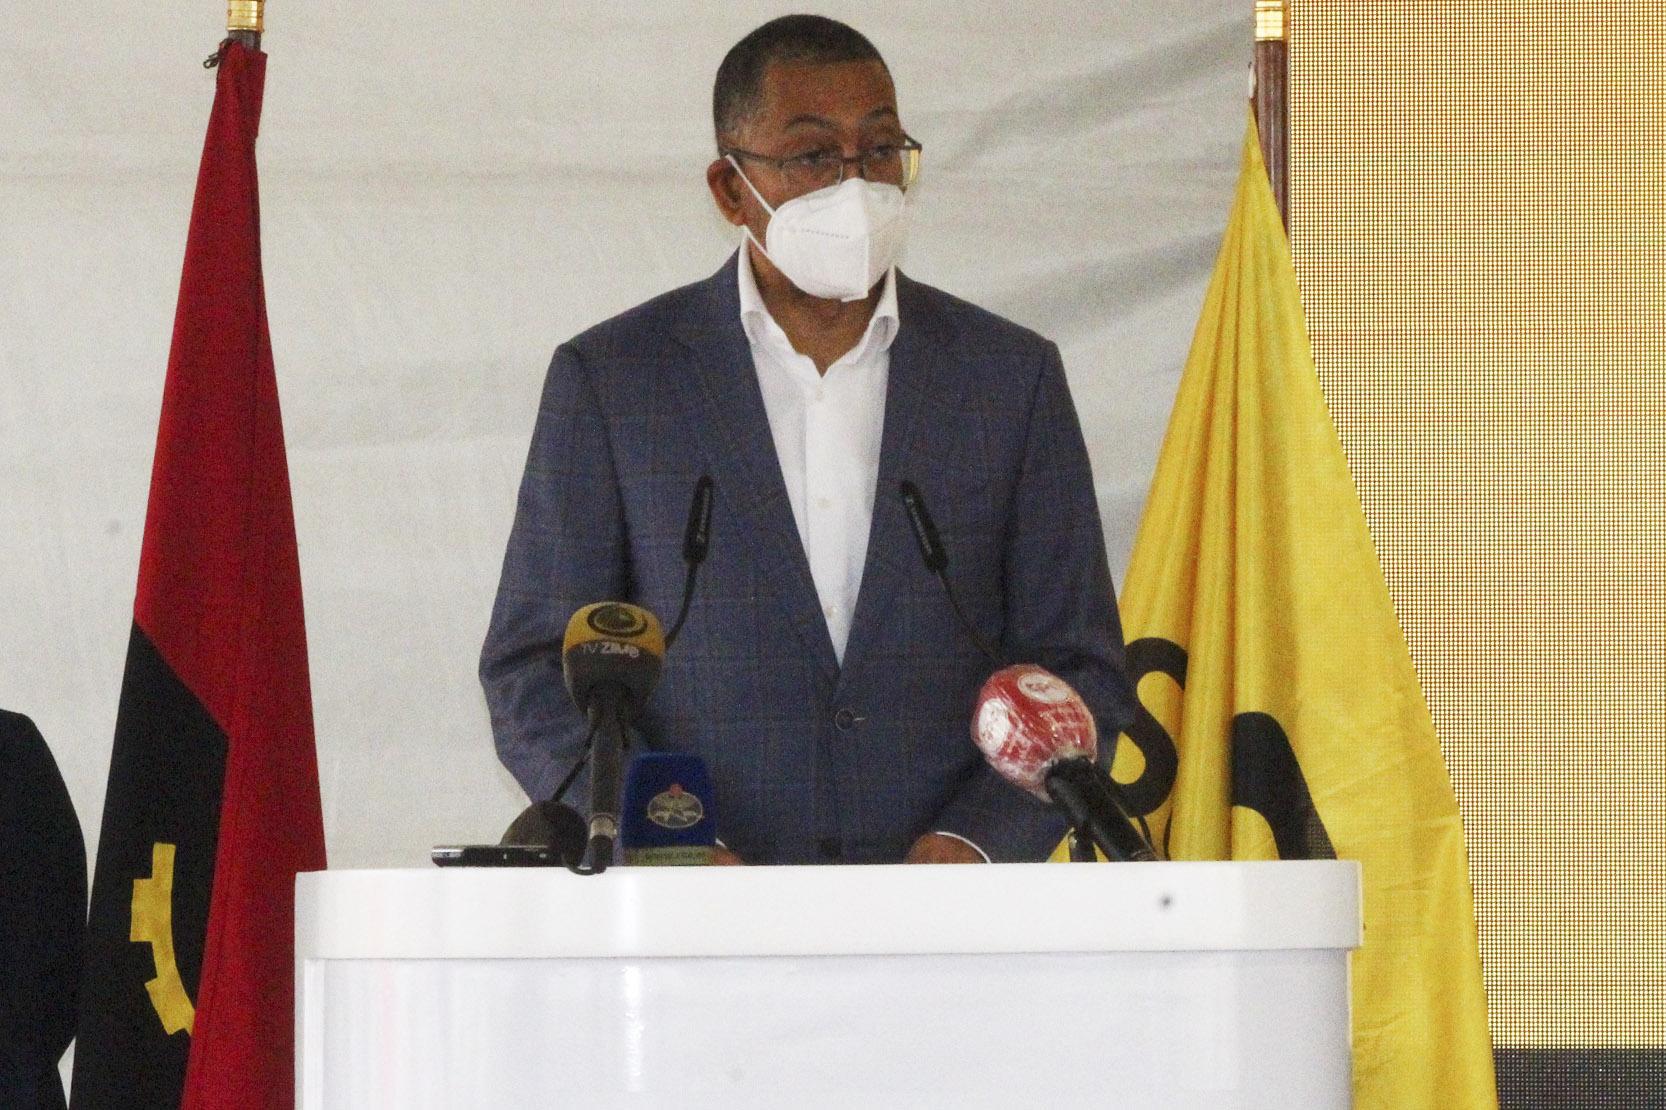 Governo vai criar estratégia para combater transporte ilegal de combustivel